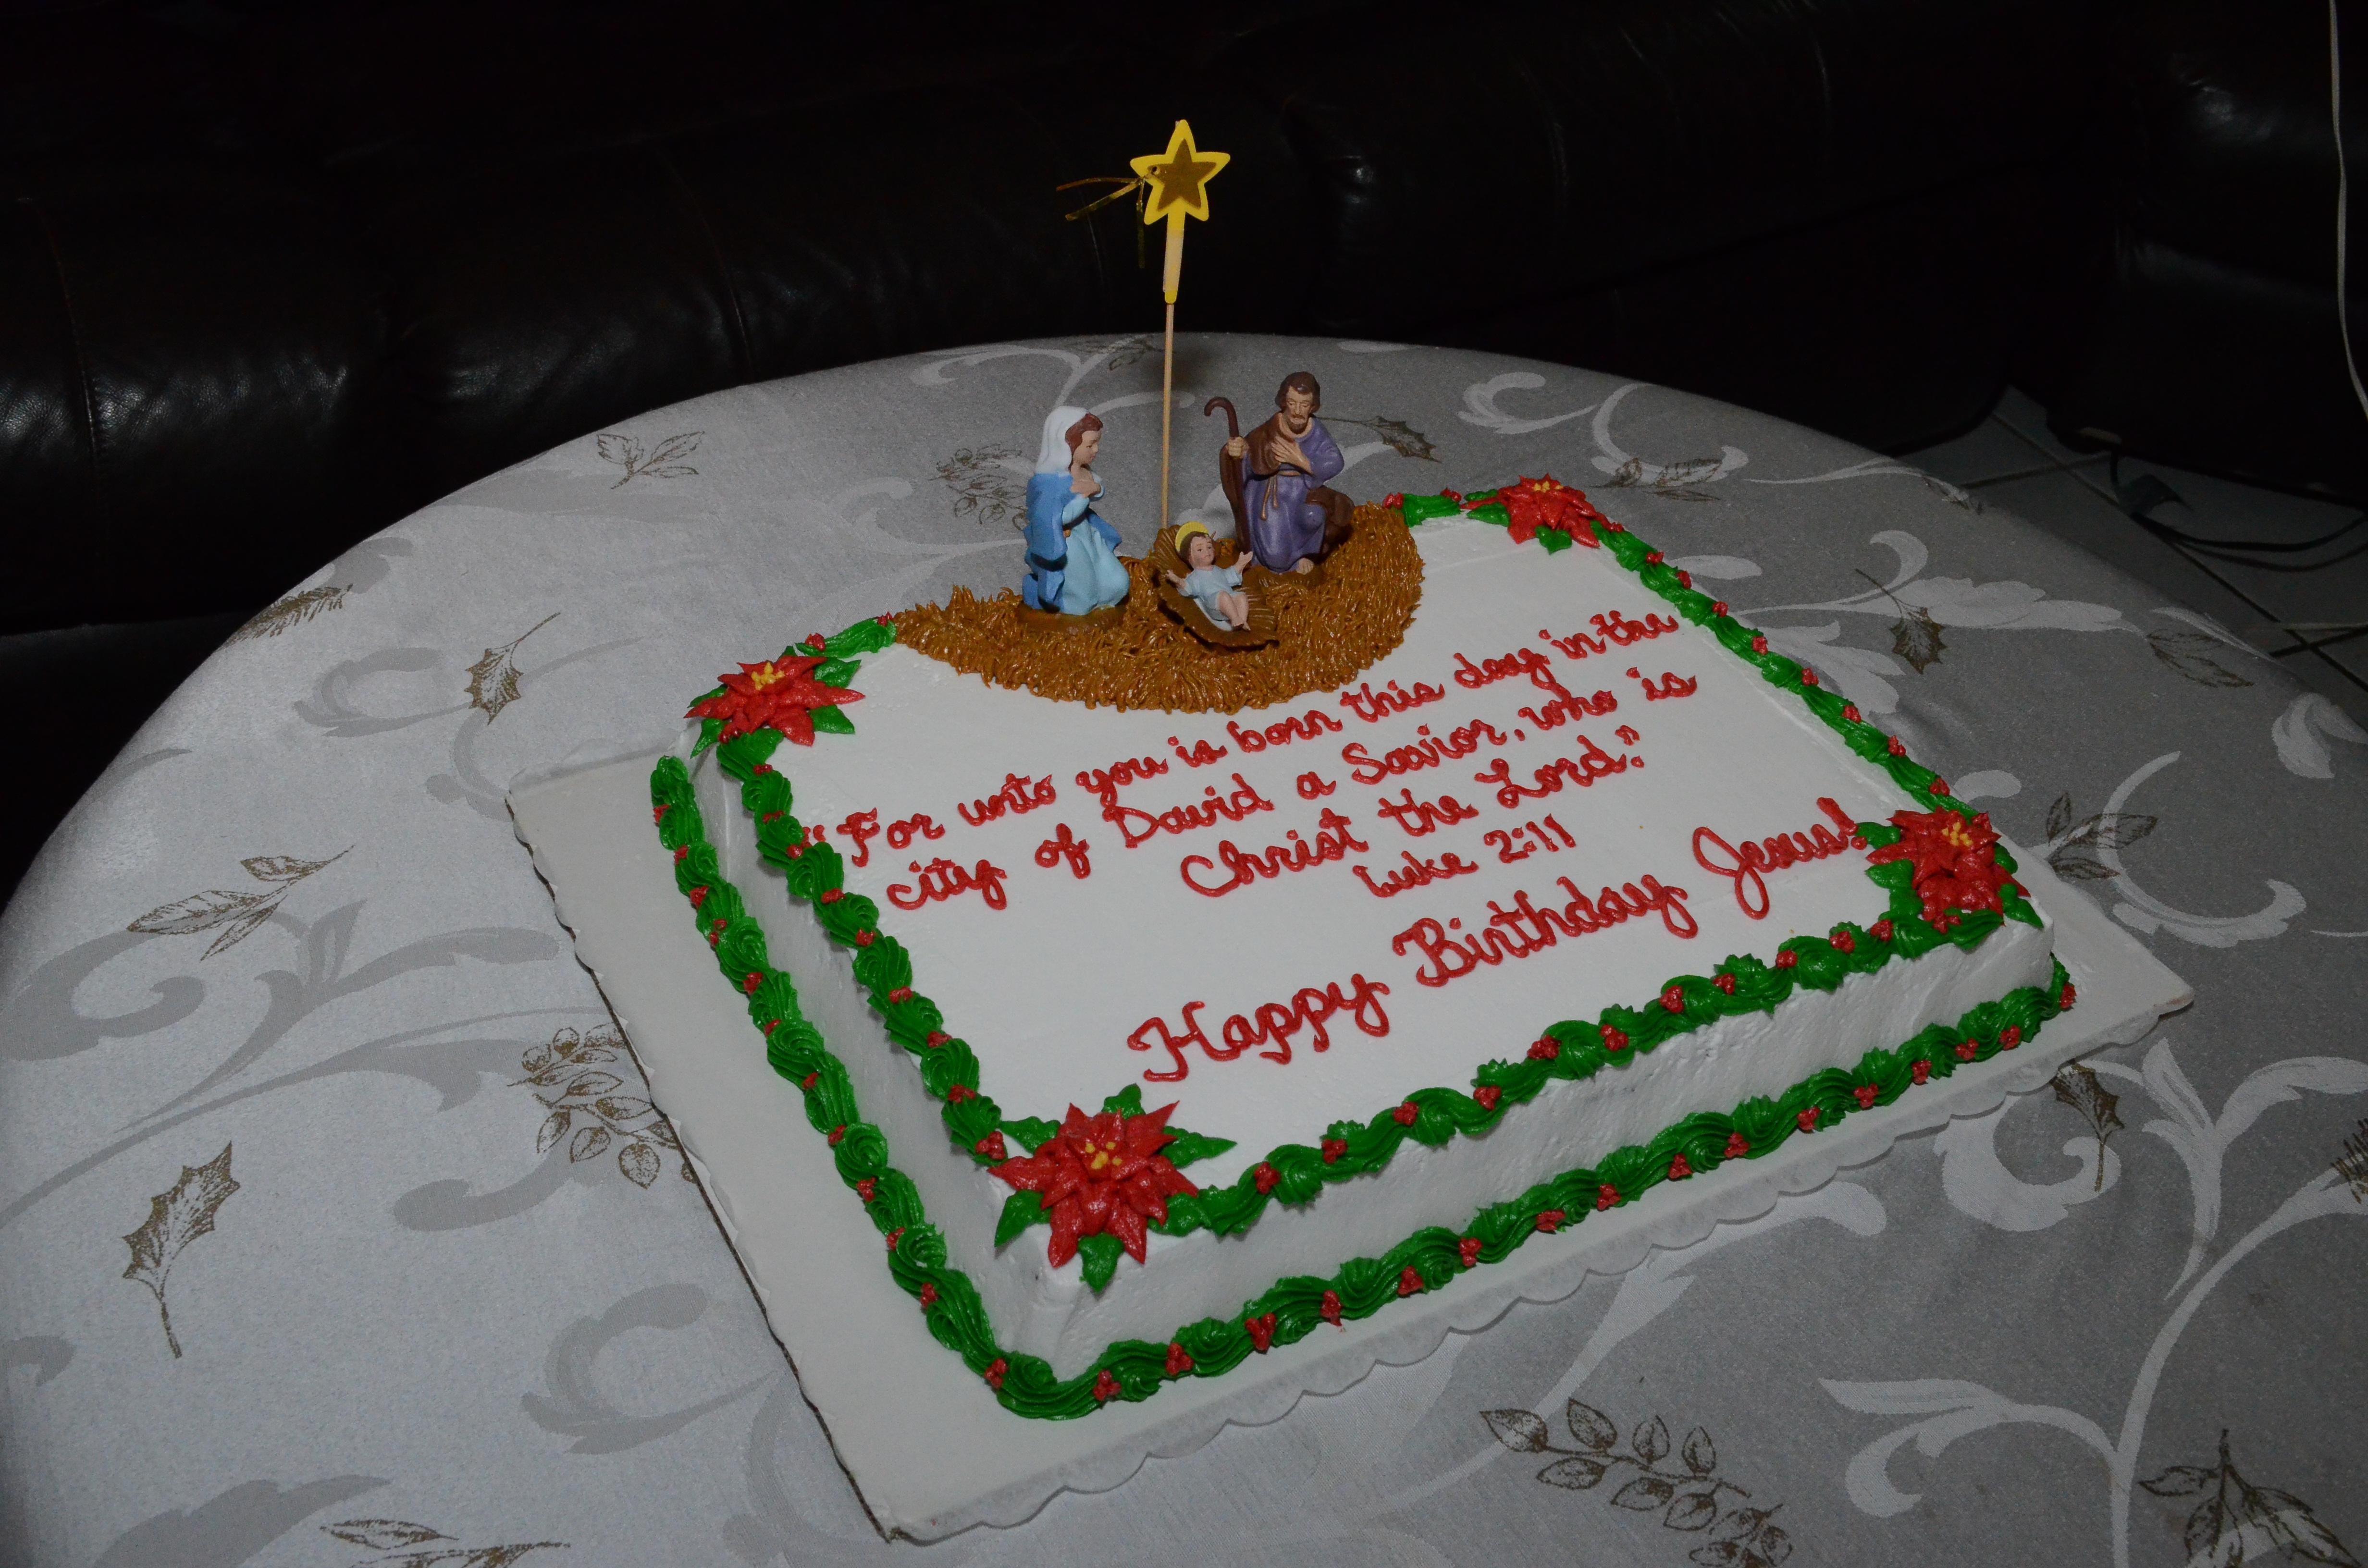 Happy Birthday Jesus in 2013